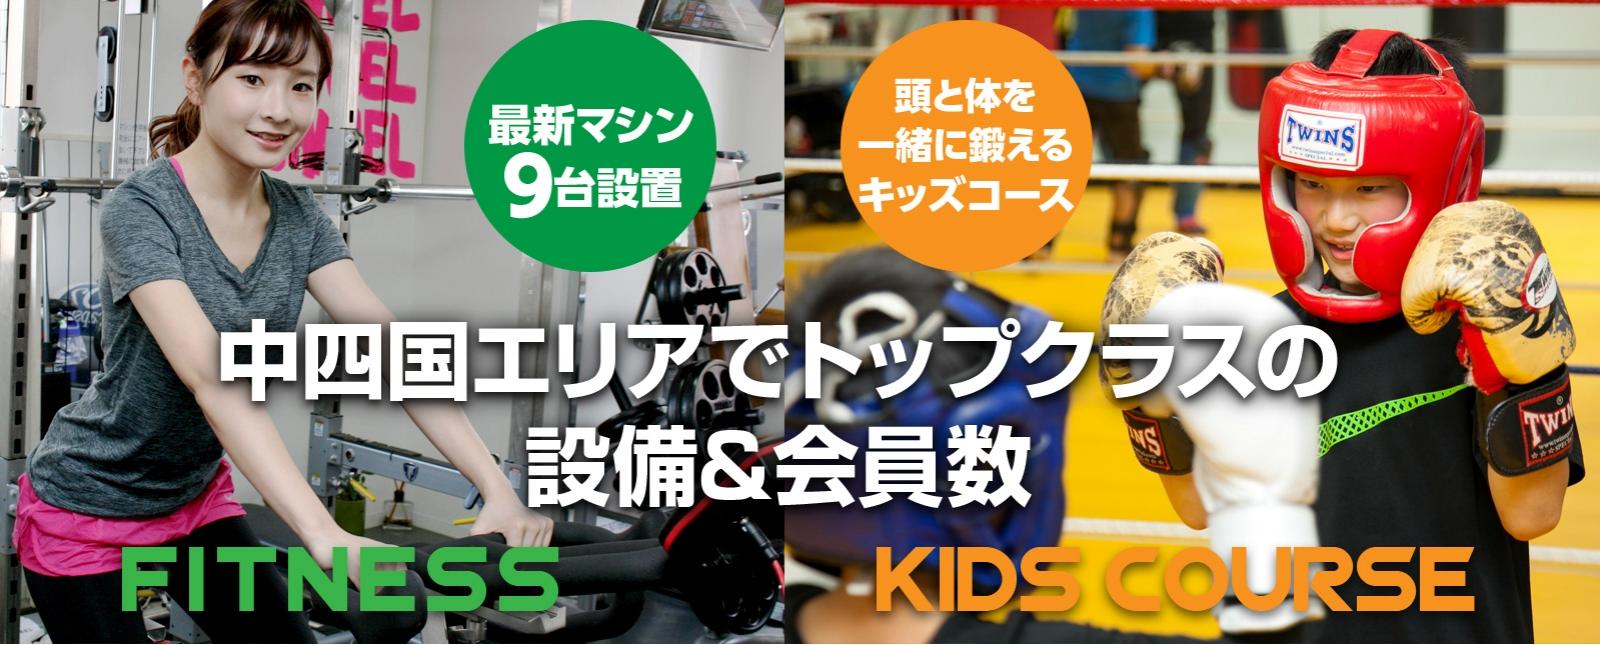 広島中区キックボクシングジム HADES WORK OUT GYM(ハーデスワークアウトジム) 中四国エリアでトップクラスの設備